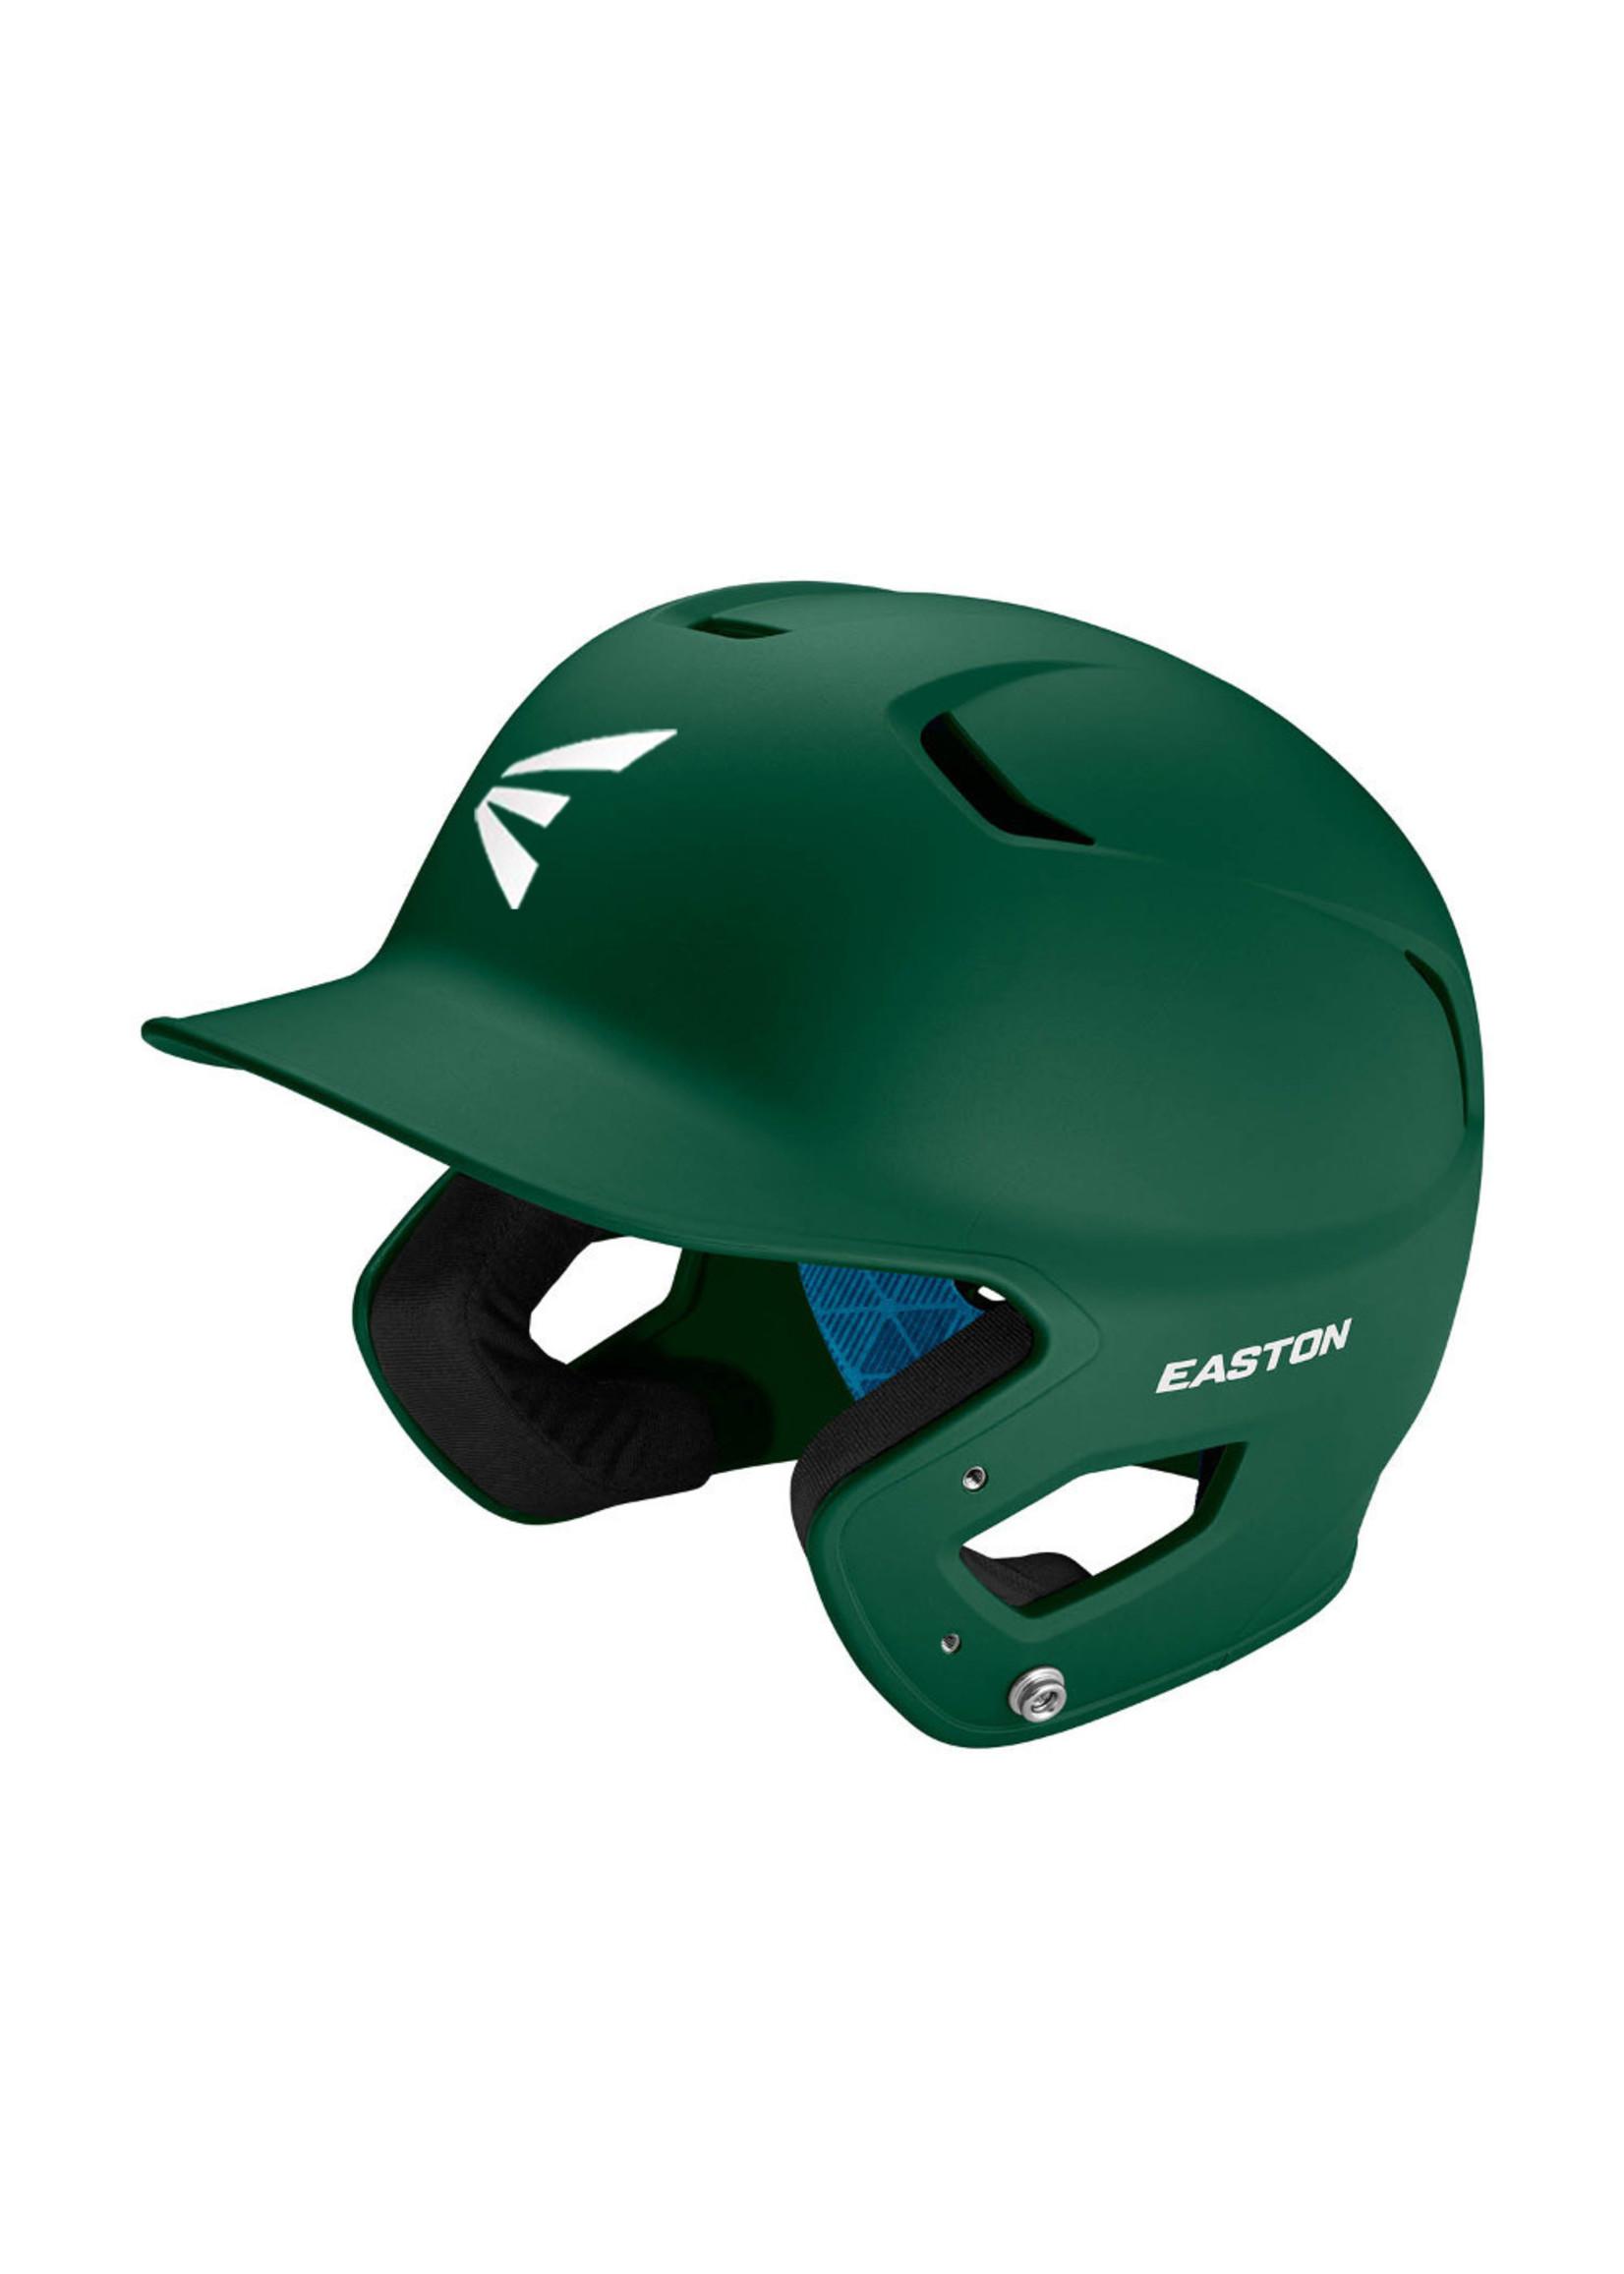 Easton Baseball (Canada) EASTON Z5 2.0 SR CASQUE